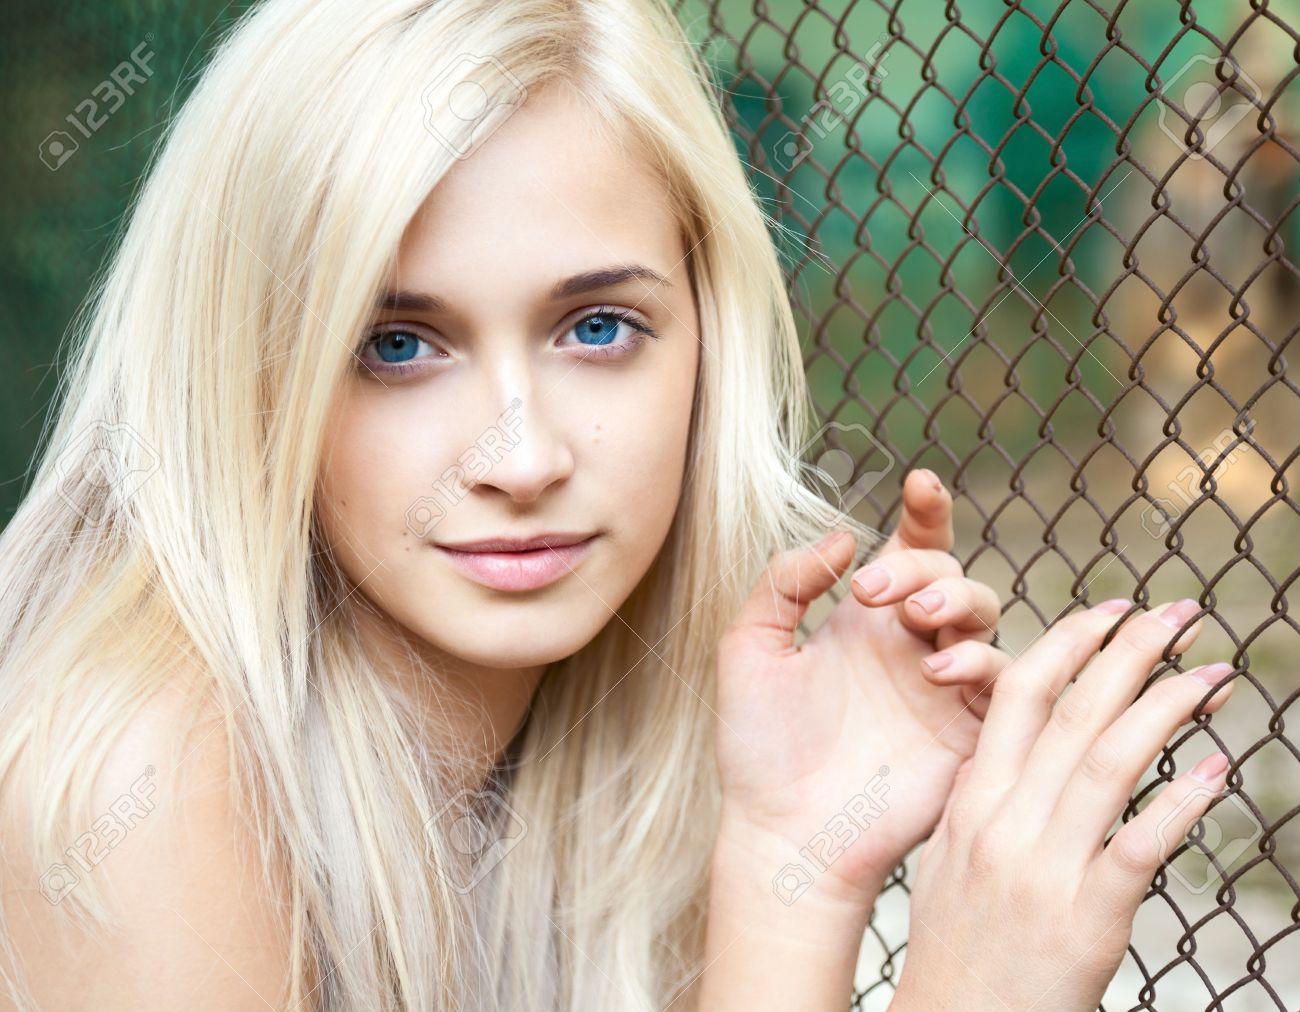 Фото девушек блондинка с большими глазами 2 фотография